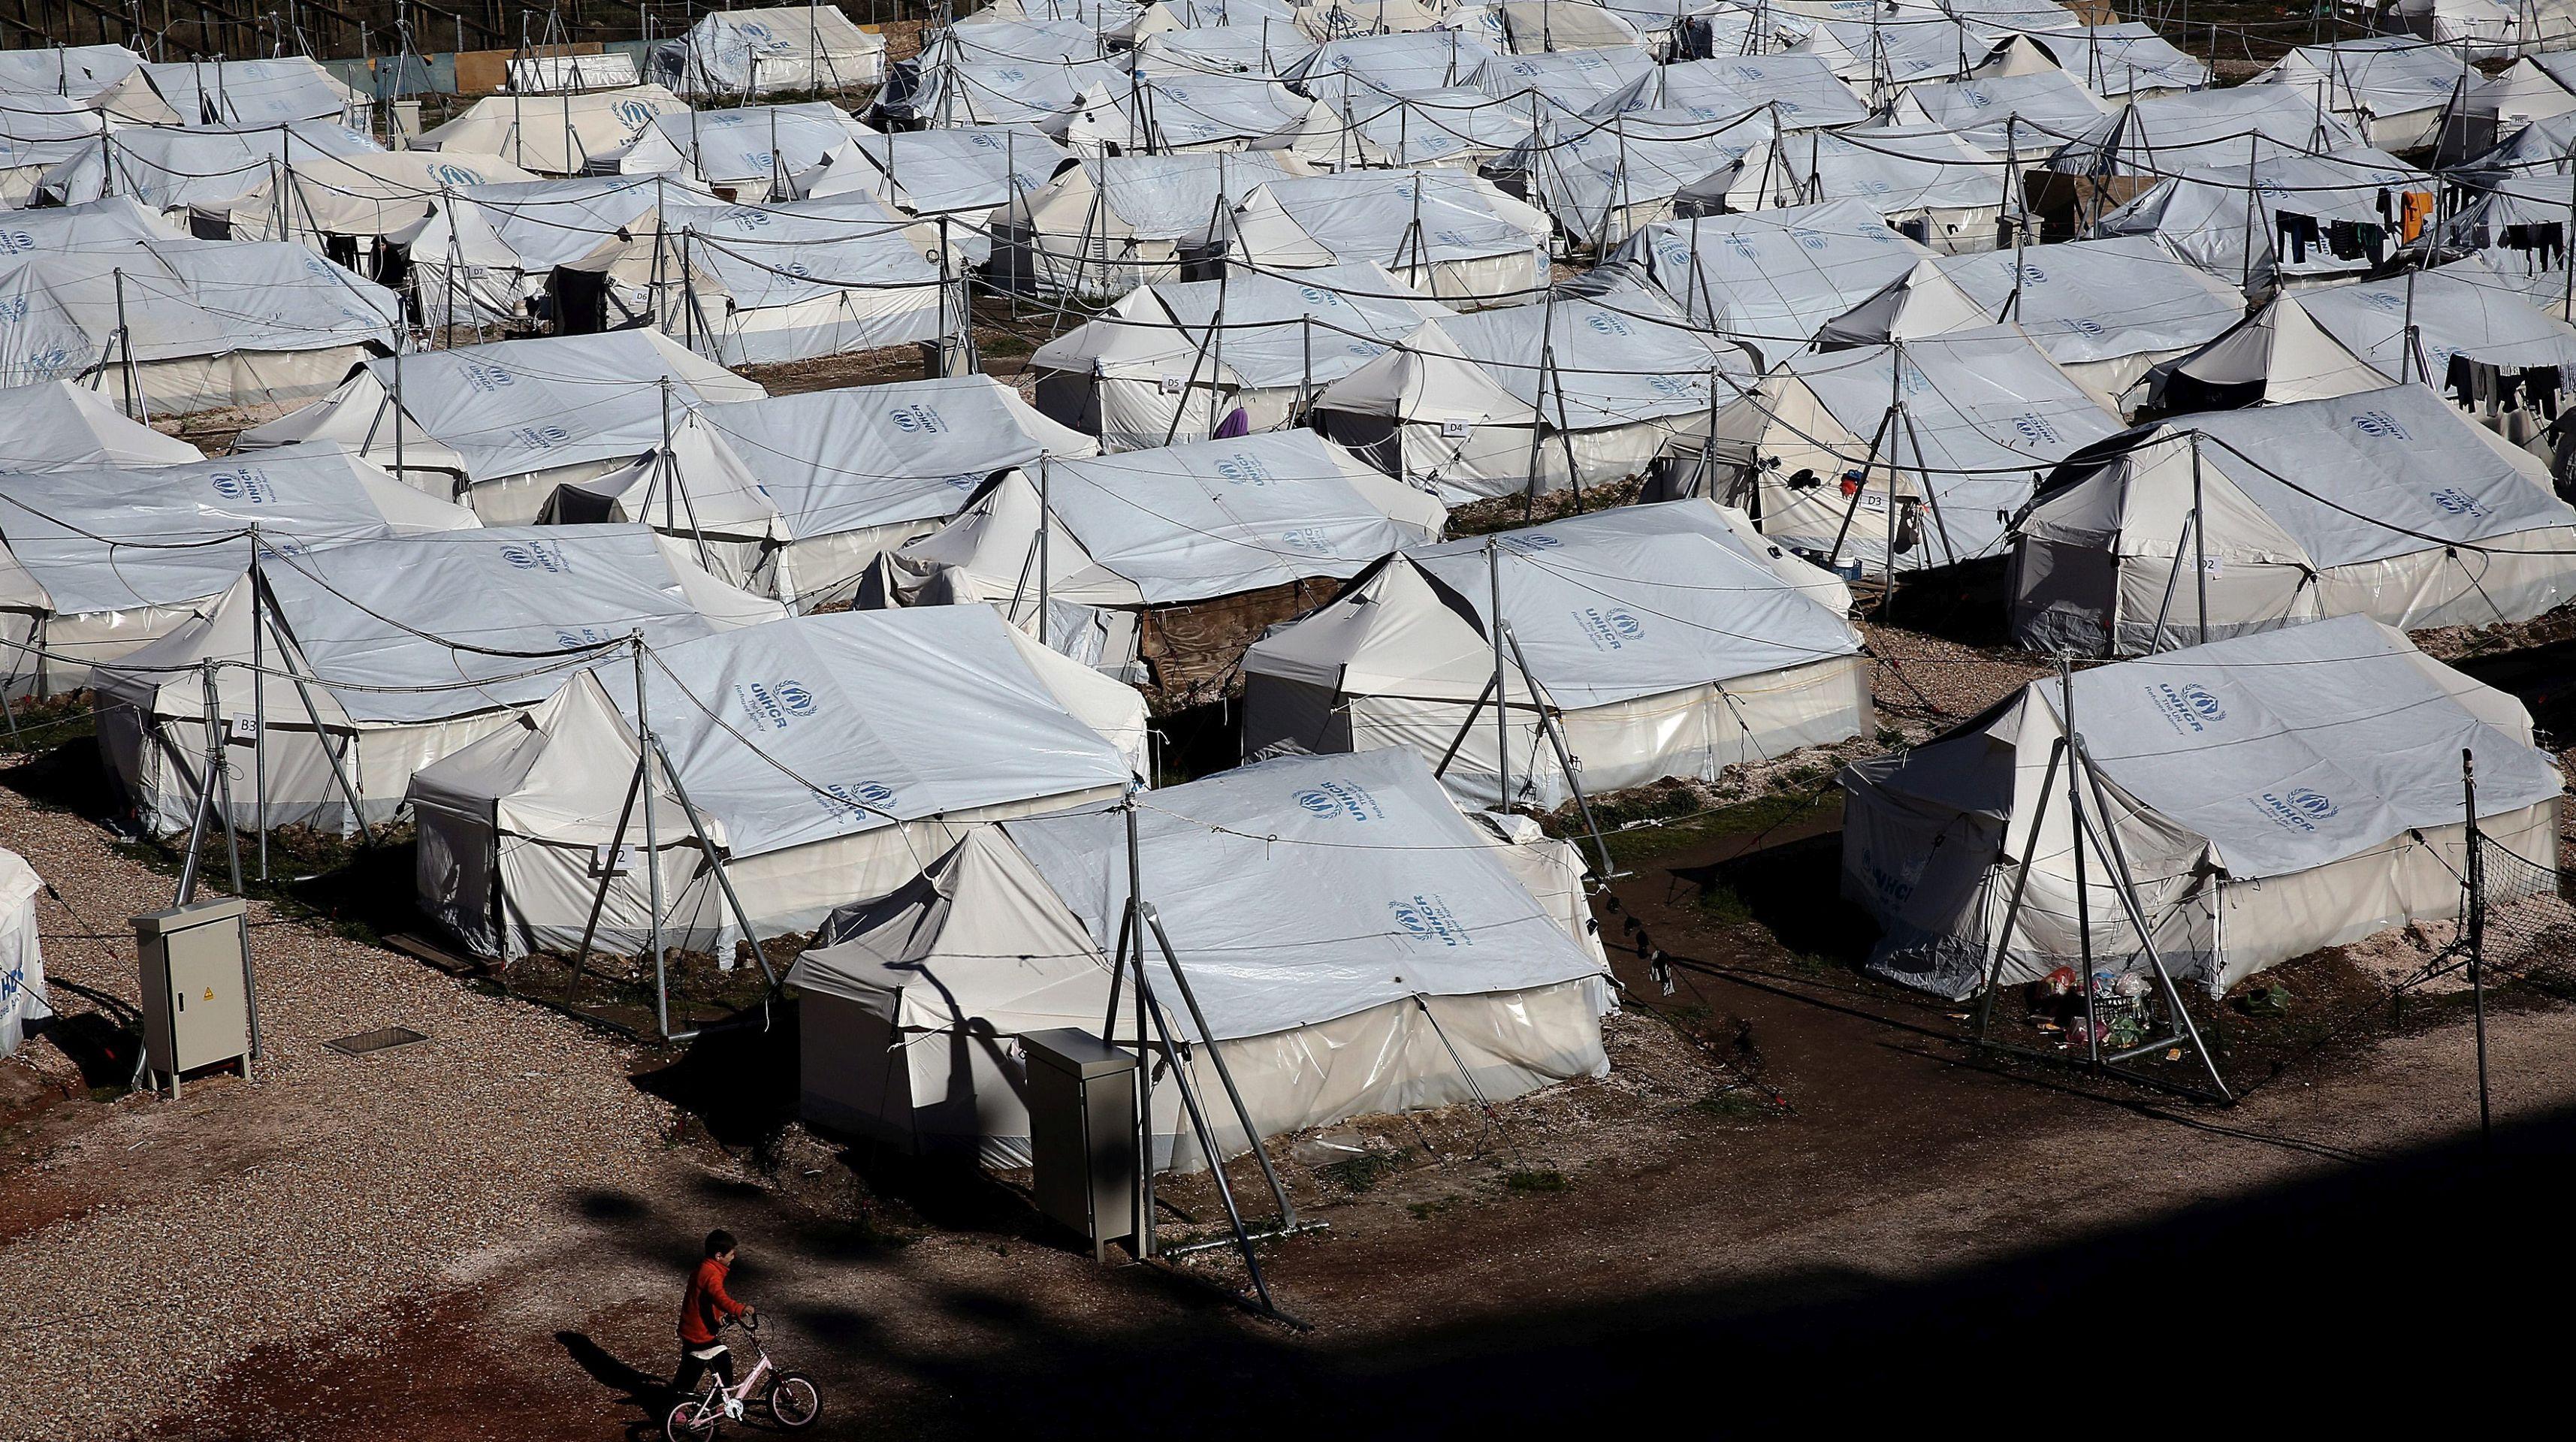 UN poziva Trumpa da prihvati izbjeglice, Rohani ga kritizira, Malali 'slomljeno srce'